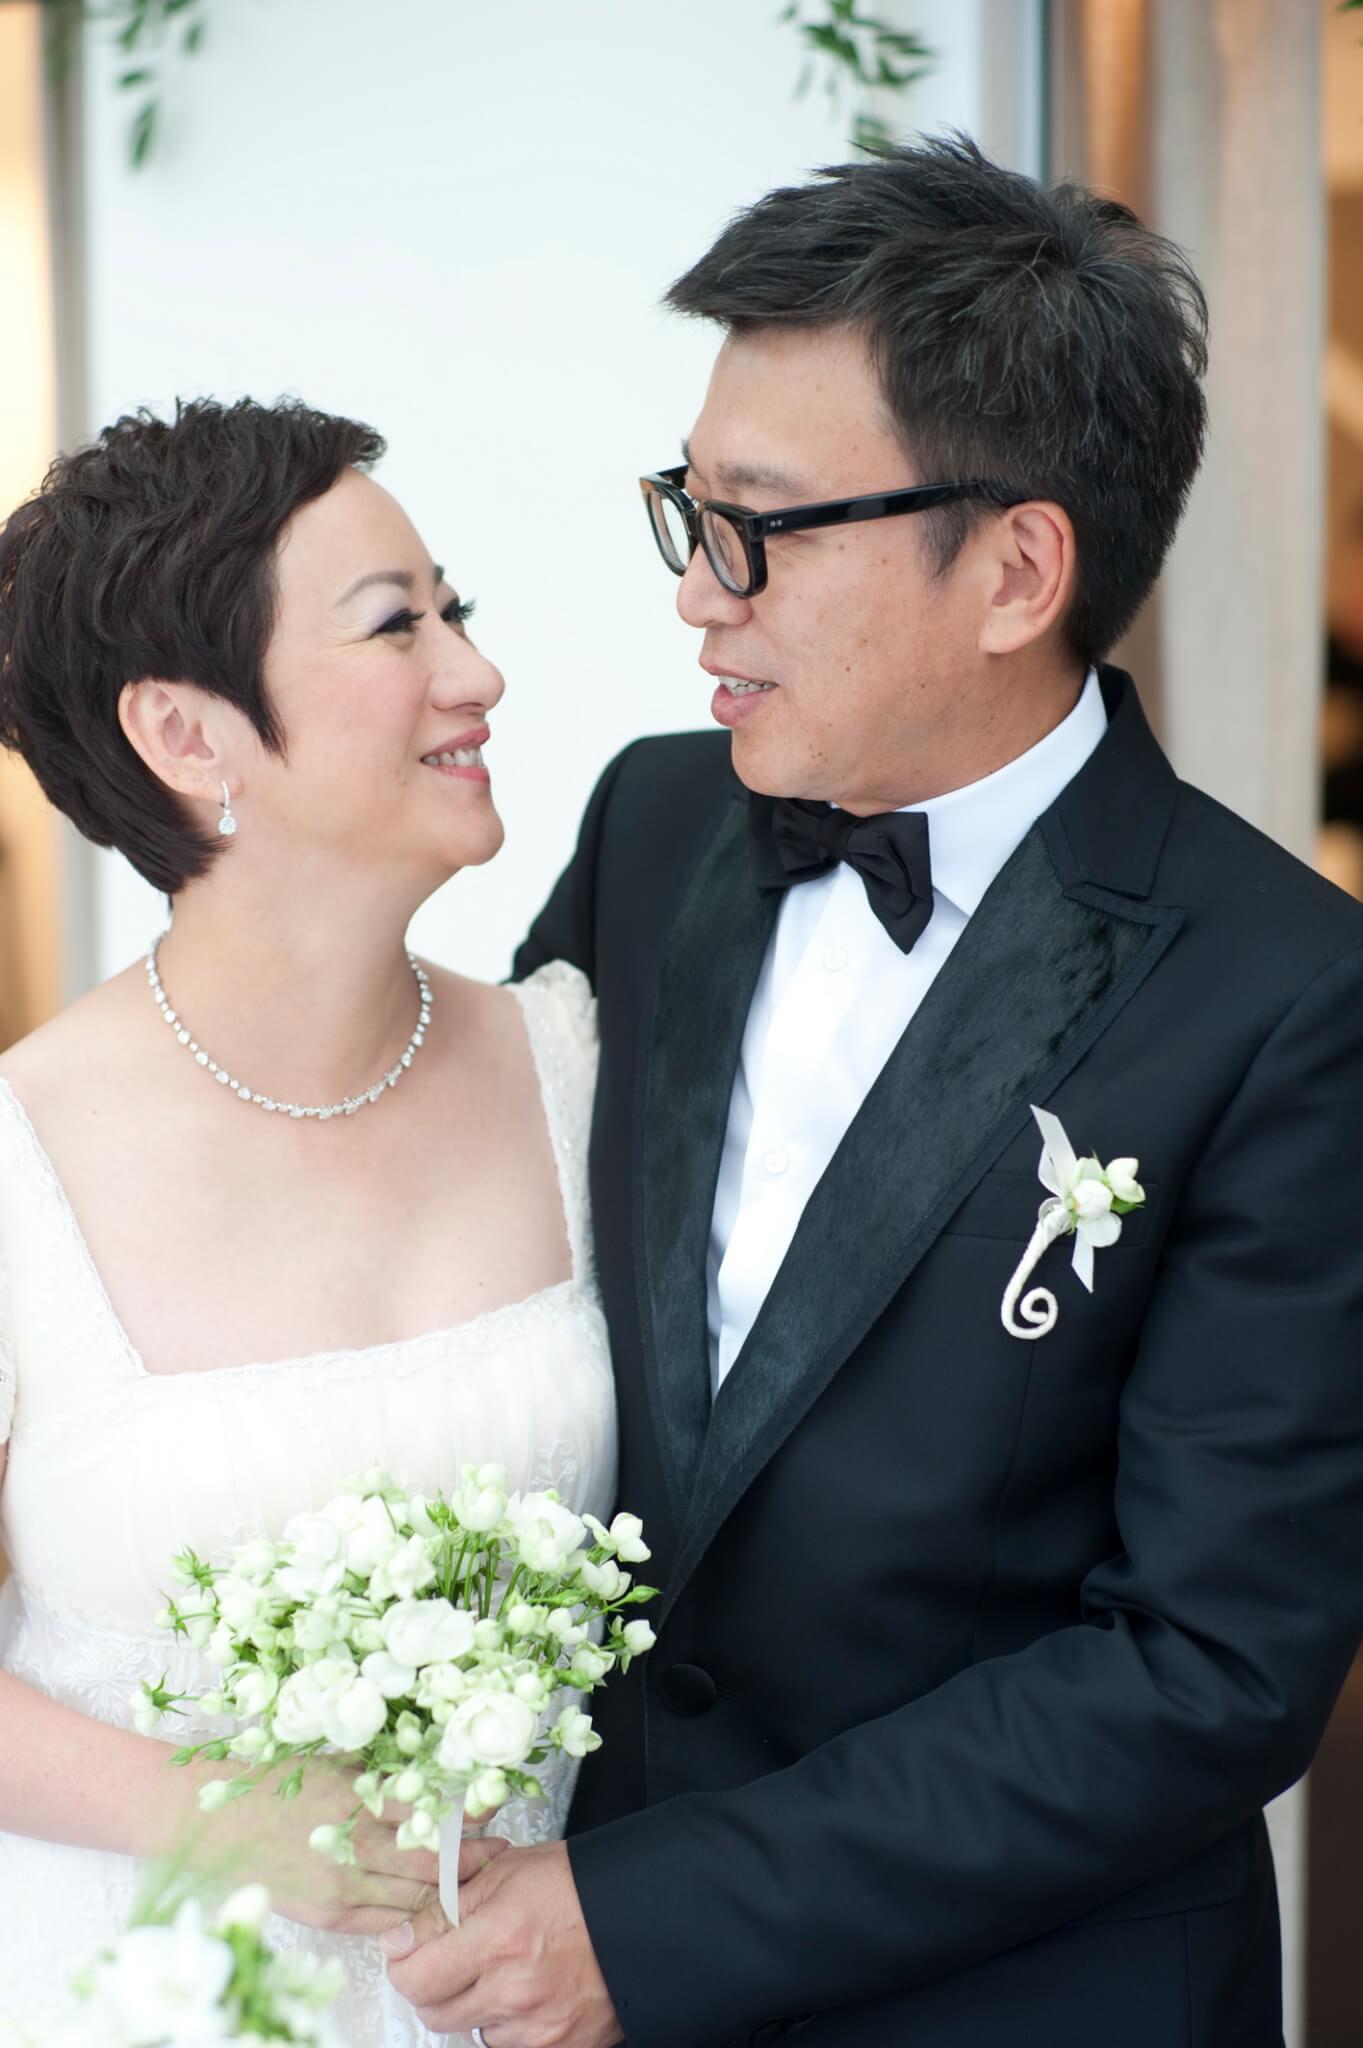 謝寧與拍拖3年的無綫攝影部主管王德偉於2010年11月5日結婚,婚禮在他們的住所舉行。